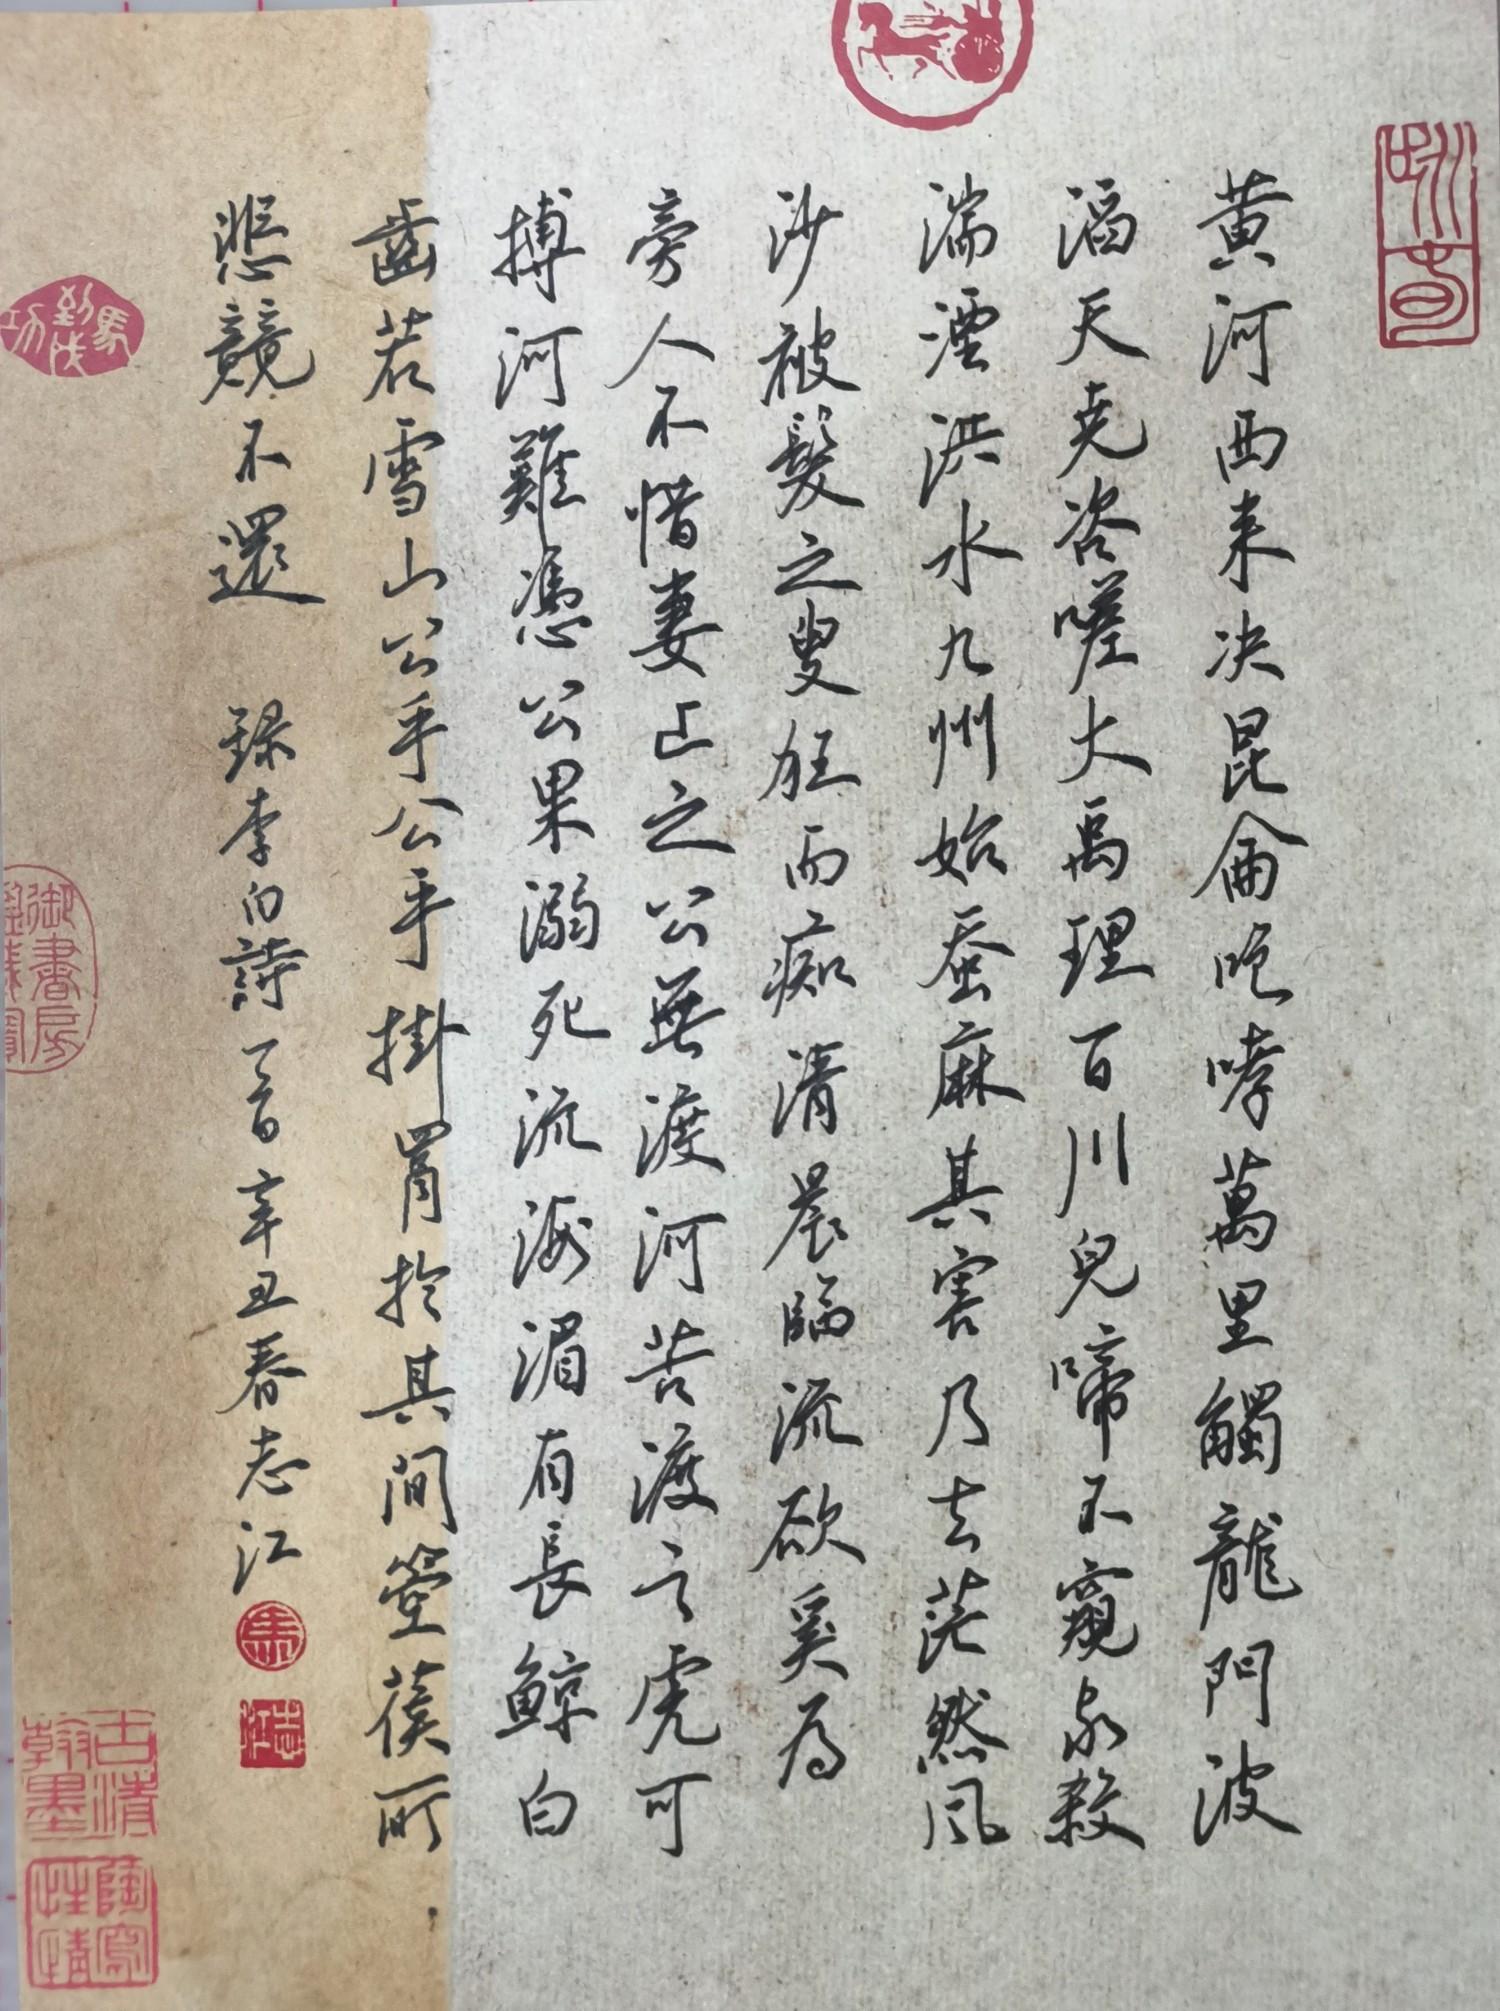 钢笔爱好者练字打卡20210406-07